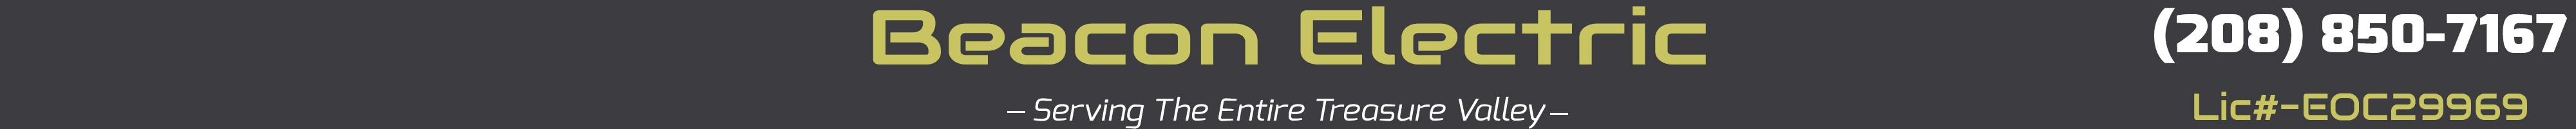 Beacon Electric Banner 2